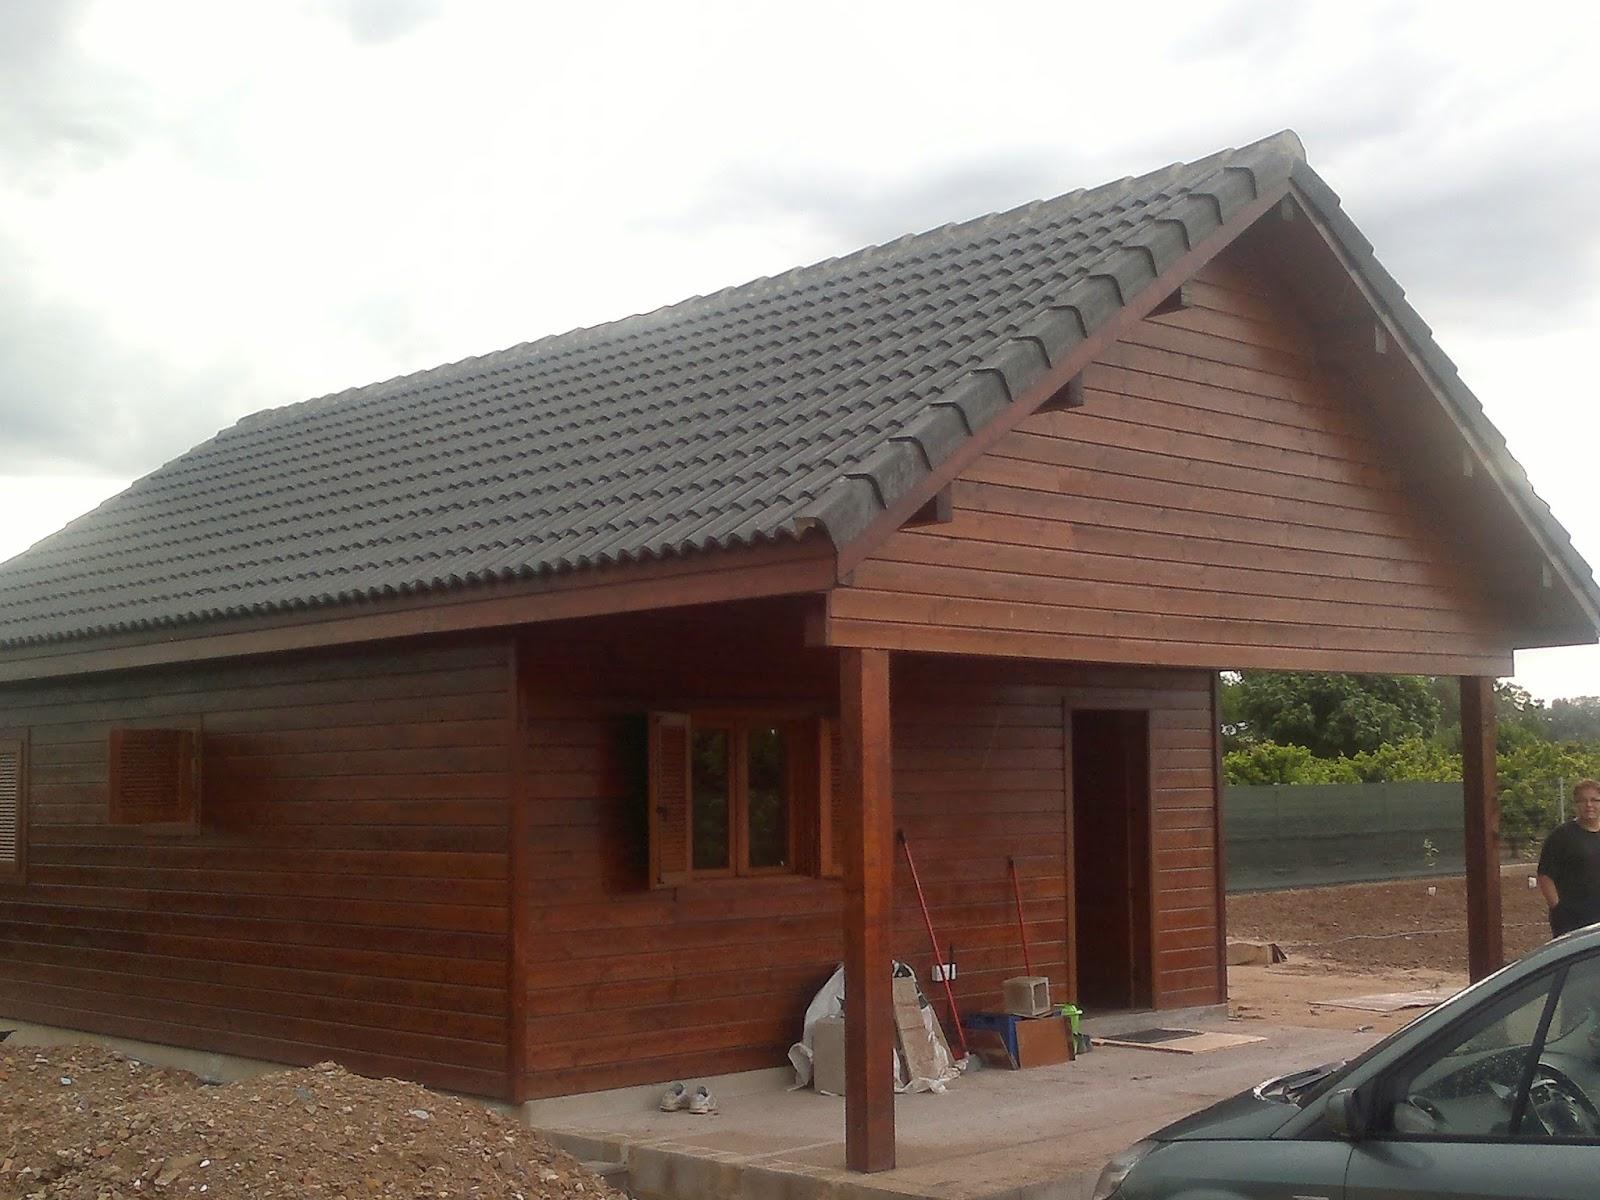 Casas de madera casas prefabricadas refugios madera - Casas de madera gandia ...